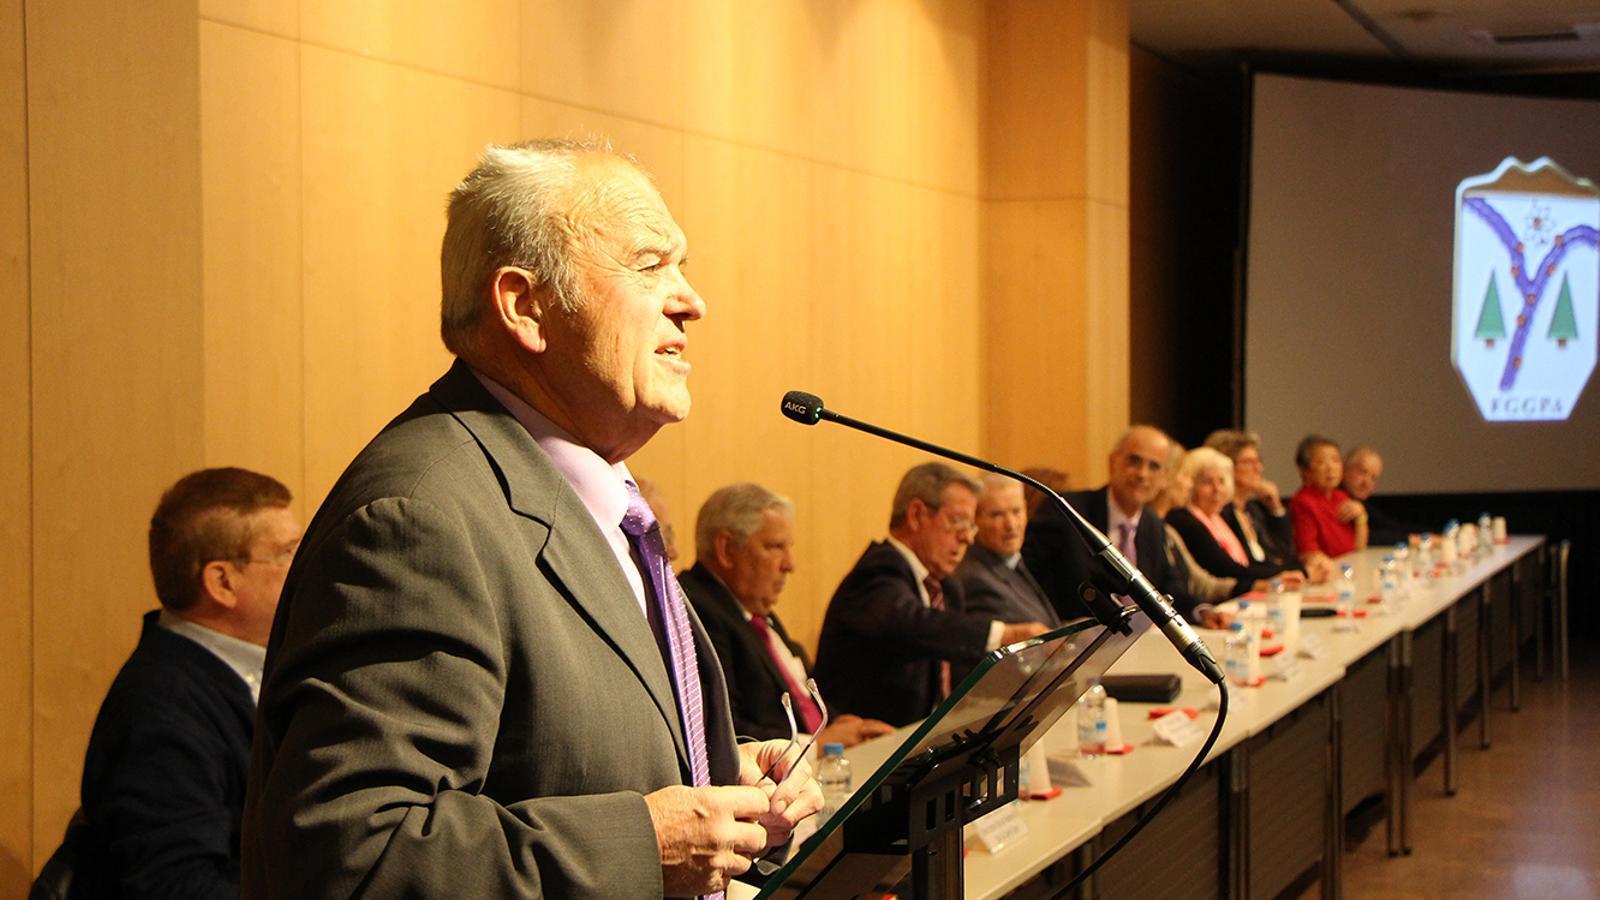 El president sortint de la Federació de la Gent Gran, Simó Duró, durant el seu discurs. / M. F. (ANA)